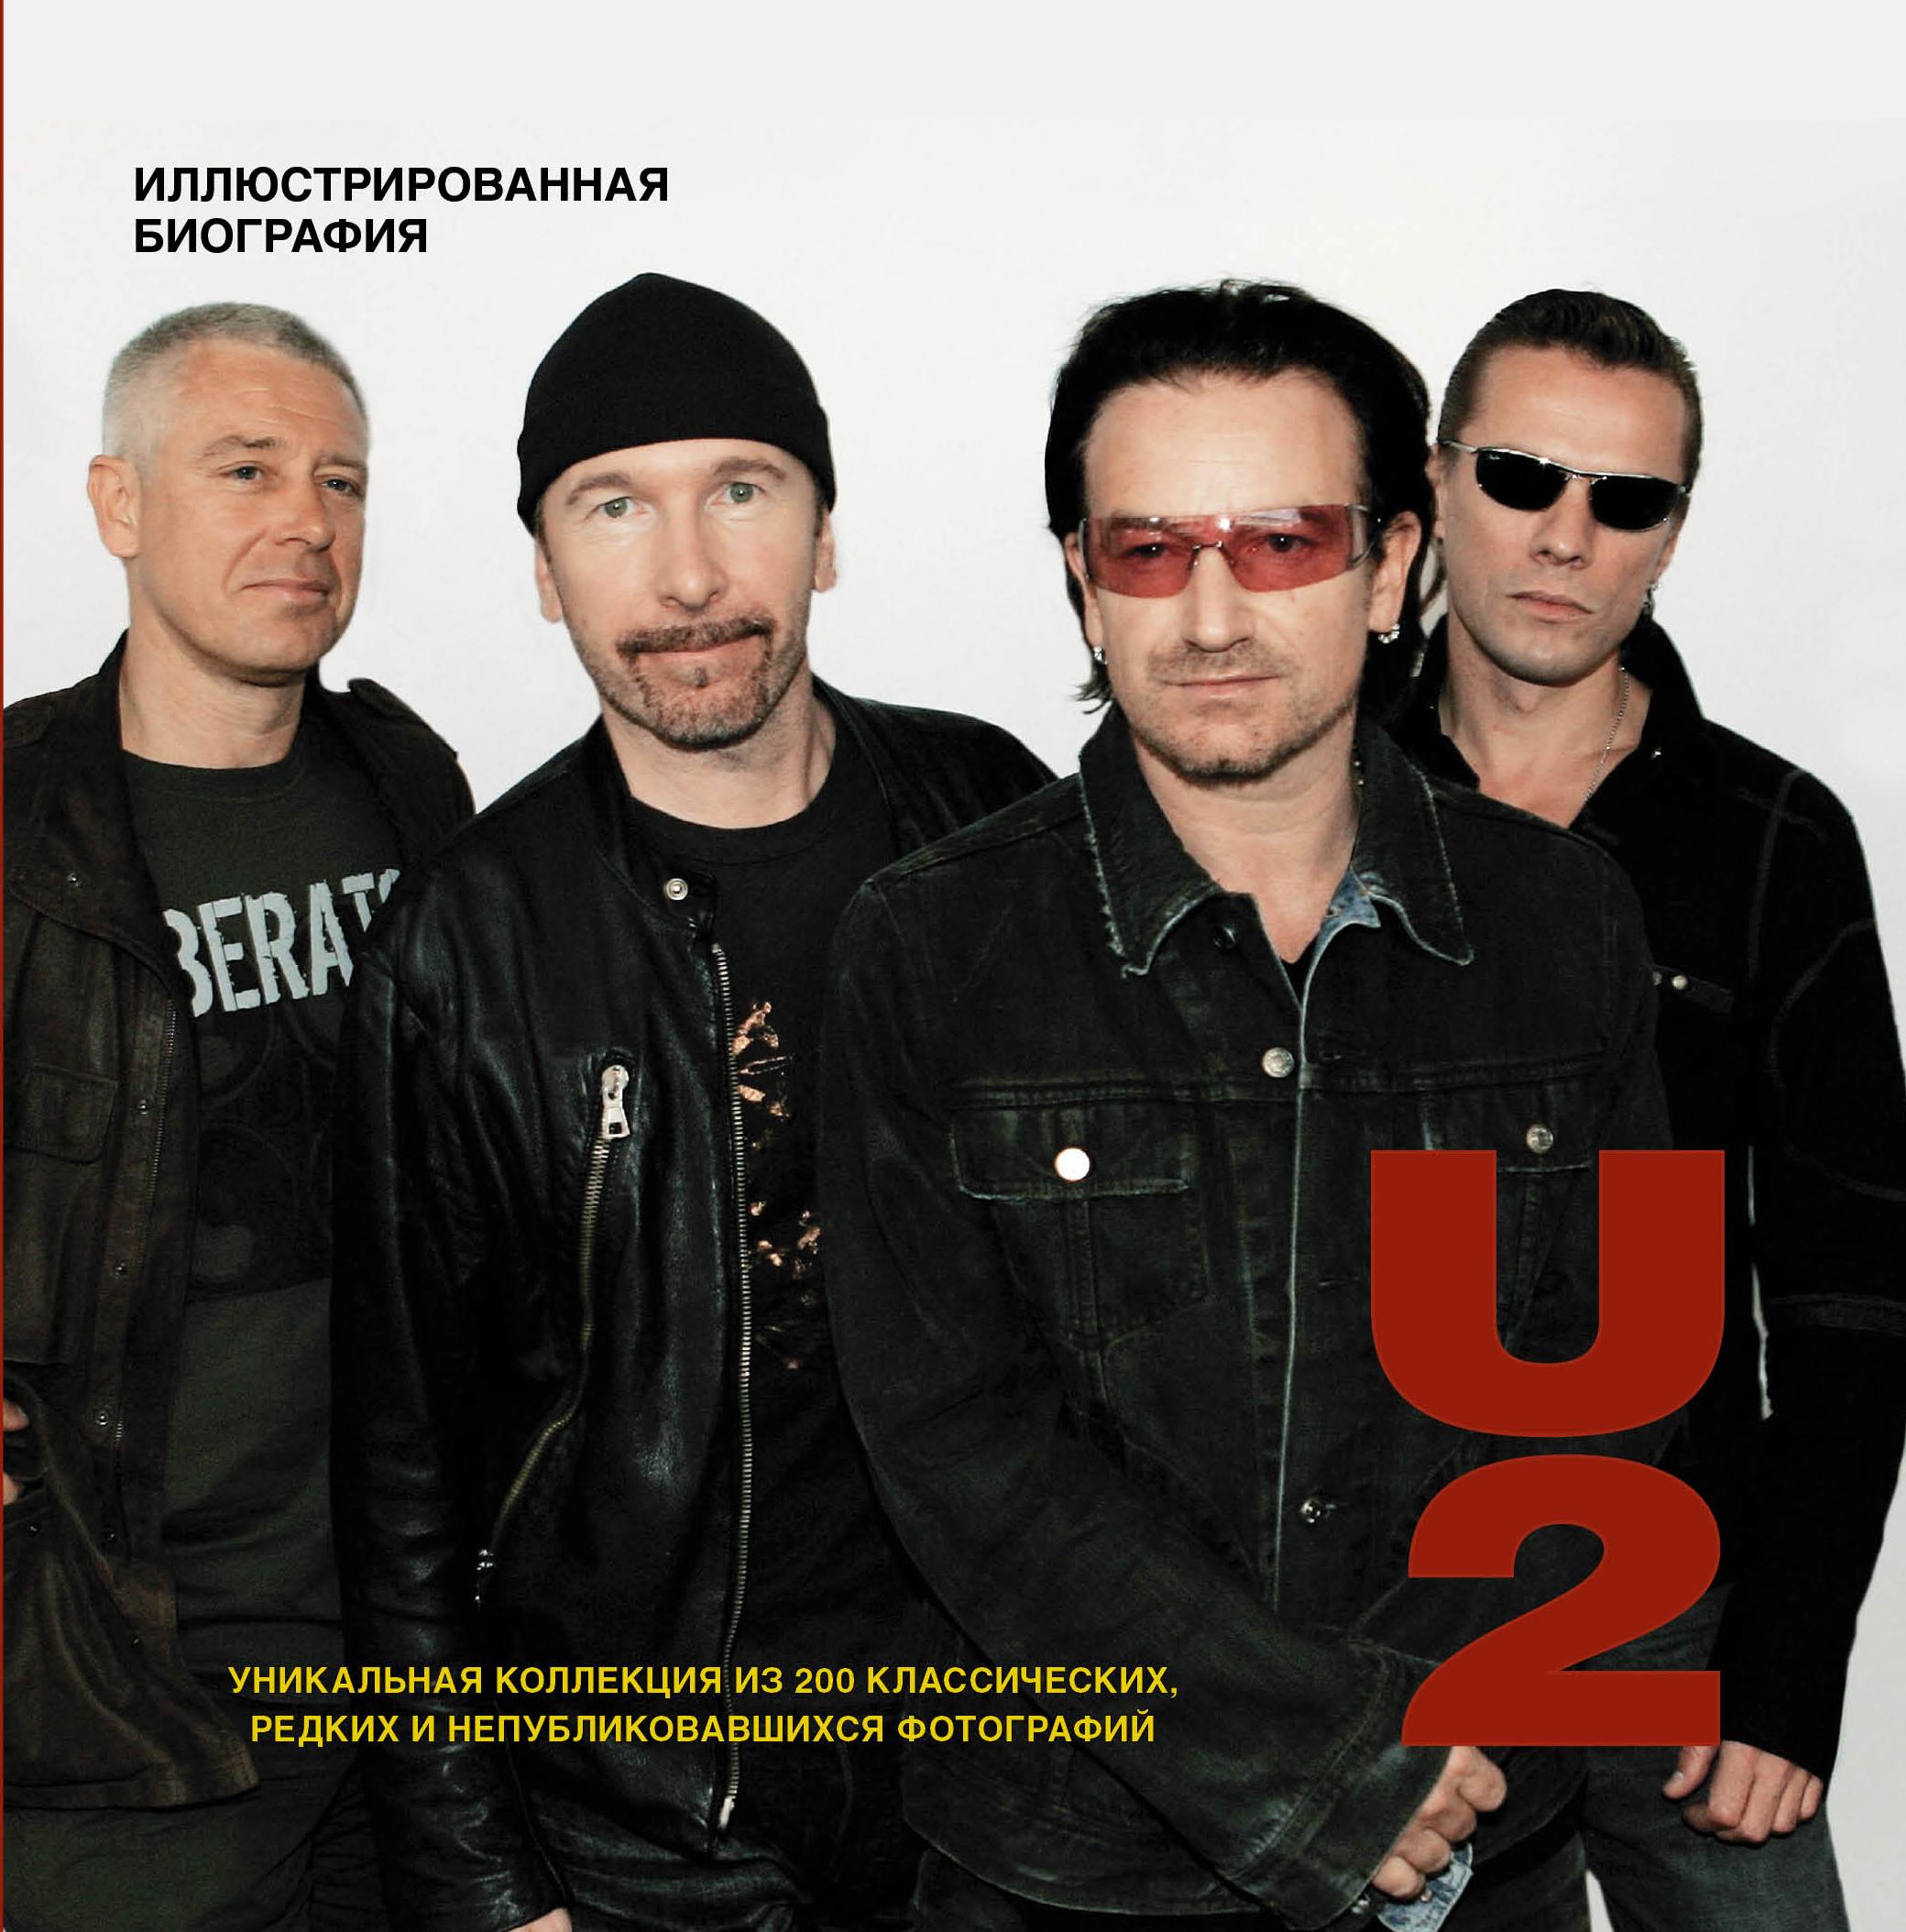 Андерсен М. U2. Иллюстрированная биография